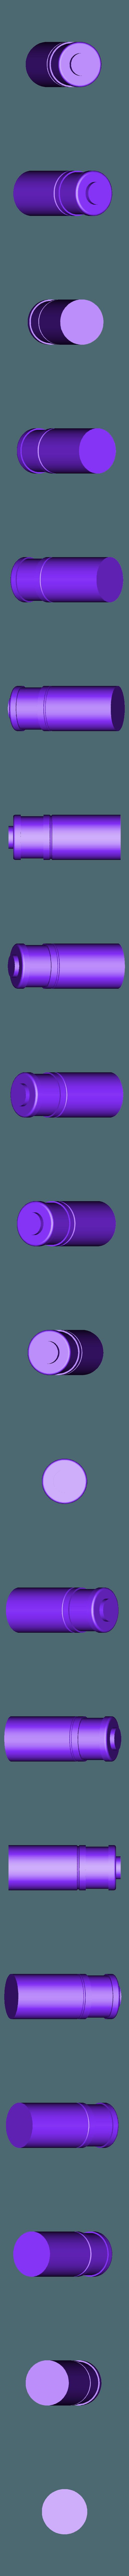 Shell.stl Download free STL file Borderlands Bandit Room Clener Shotgun • 3D printer object, Dsk